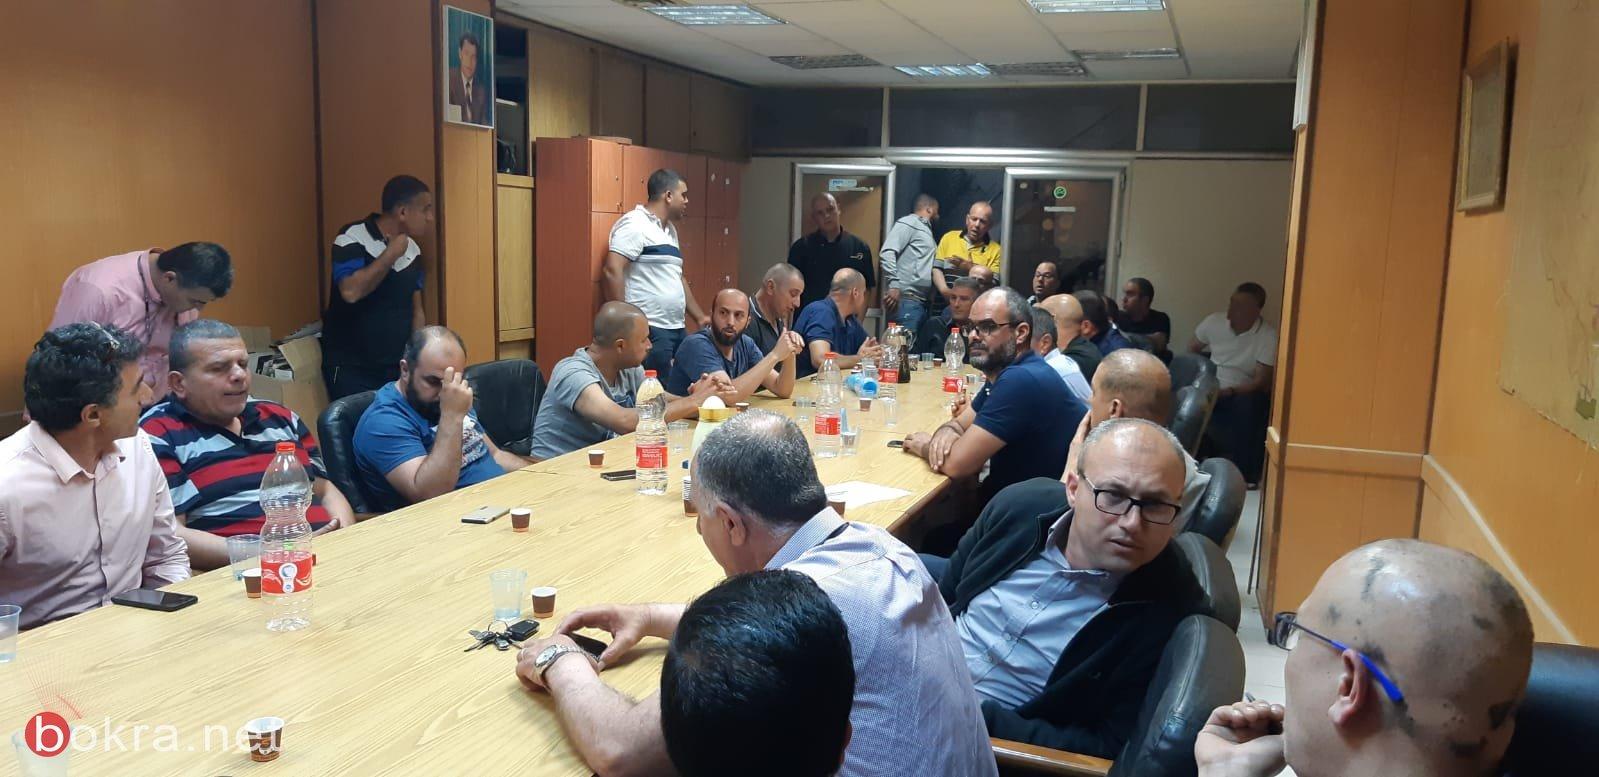 جريمة قتل في طمرة: مقتل وسام ياسين رميًا بالرصاص وإعلان الإضراب في المدينة